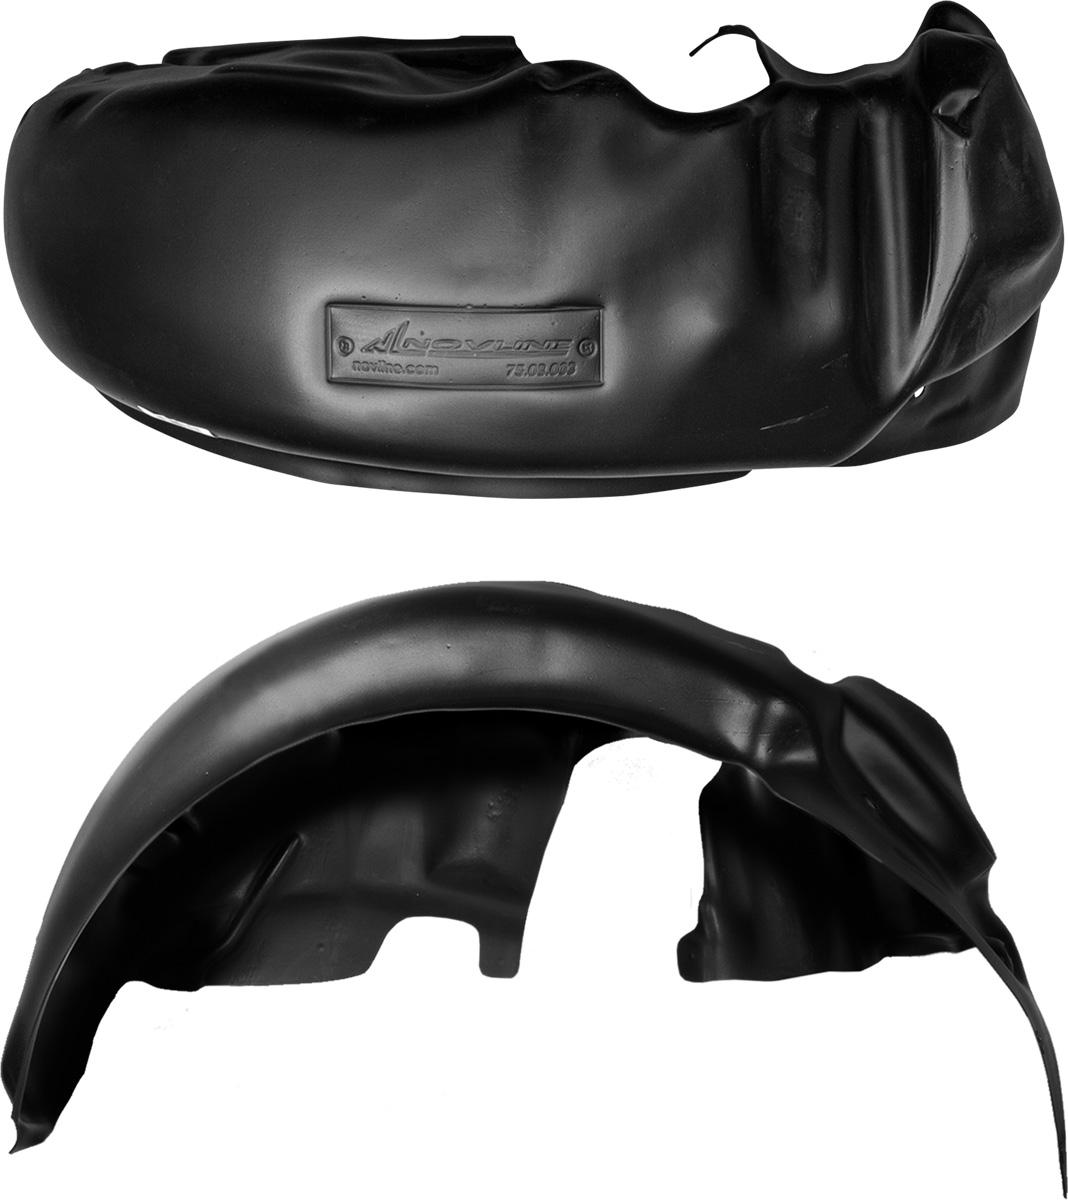 Подкрылок Novline-Autofamily, для Chevrolet Cobalt, 2013->, седан, задний правыйNLL.08.17.004Колесные ниши - одни из самых уязвимых зон днища вашего автомобиля. Они постоянно подвергаются воздействию со стороны дороги. Лучшая, почти абсолютная защита для них - специально отформованные пластиковые кожухи, которые называются подкрылками. Производятся они как для отечественных моделей автомобилей, так и для иномарок. Подкрылки Novline-Autofamily выполнены из высококачественного, экологически чистого пластика. Обеспечивают надежную защиту кузова автомобиля от пескоструйного эффекта и негативного влияния, агрессивных антигололедных реагентов. Пластик обладает более низкой теплопроводностью, чем металл, поэтому в зимний период эксплуатации использование пластиковых подкрылков позволяет лучше защитить колесные ниши от налипания снега и образования наледи. Оригинальность конструкции подчеркивает элегантность автомобиля, бережно защищает нанесенное на днище кузова антикоррозийное покрытие и позволяет осуществить крепление подкрылков внутри колесной арки практически без дополнительного крепежа и сверления, не нарушая при этом лакокрасочного покрытия, что предотвращает возникновение новых очагов коррозии. Подкрылки долговечны, обладают высокой прочностью и сохраняют заданную форму, а также все свои физико-механические характеристики в самых тяжелых климатических условиях (от -50°С до +50°С).Уважаемые клиенты!Обращаем ваше внимание, на тот факт, что подкрылок имеет форму, соответствующую модели данного автомобиля. Фото служит для визуального восприятия товара.